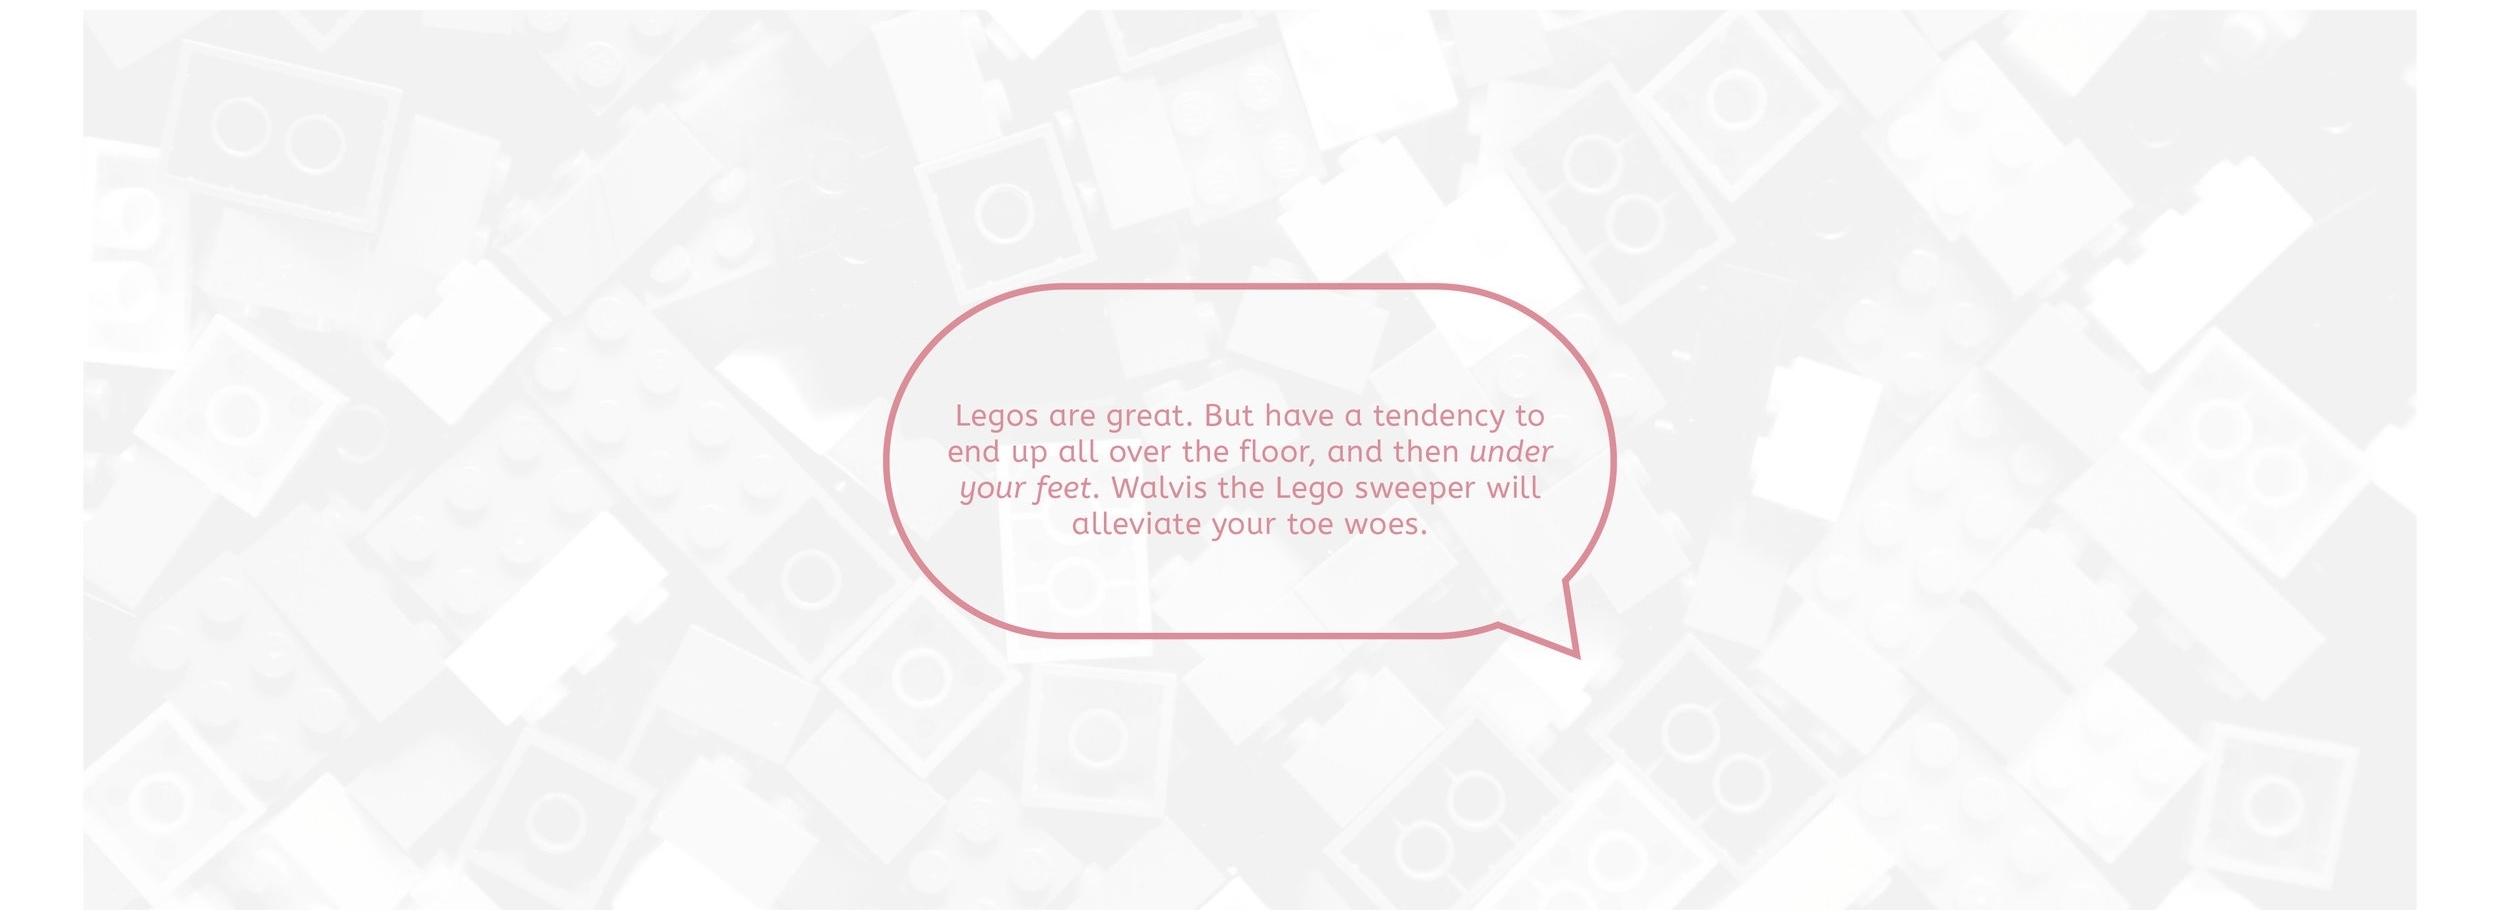 Website Jpegs16.jpg